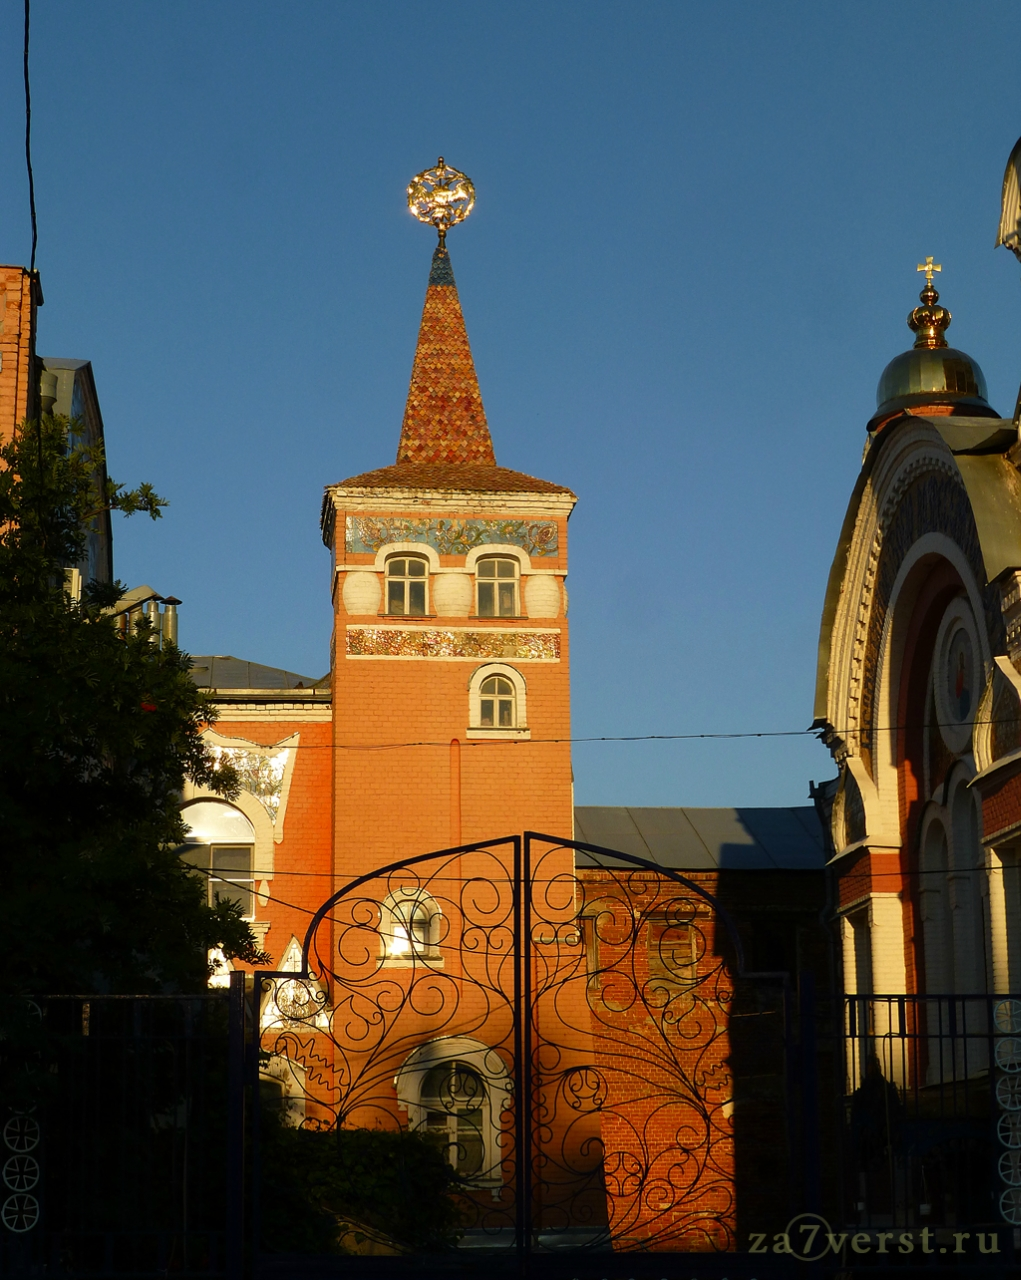 Елец, Липецкая область